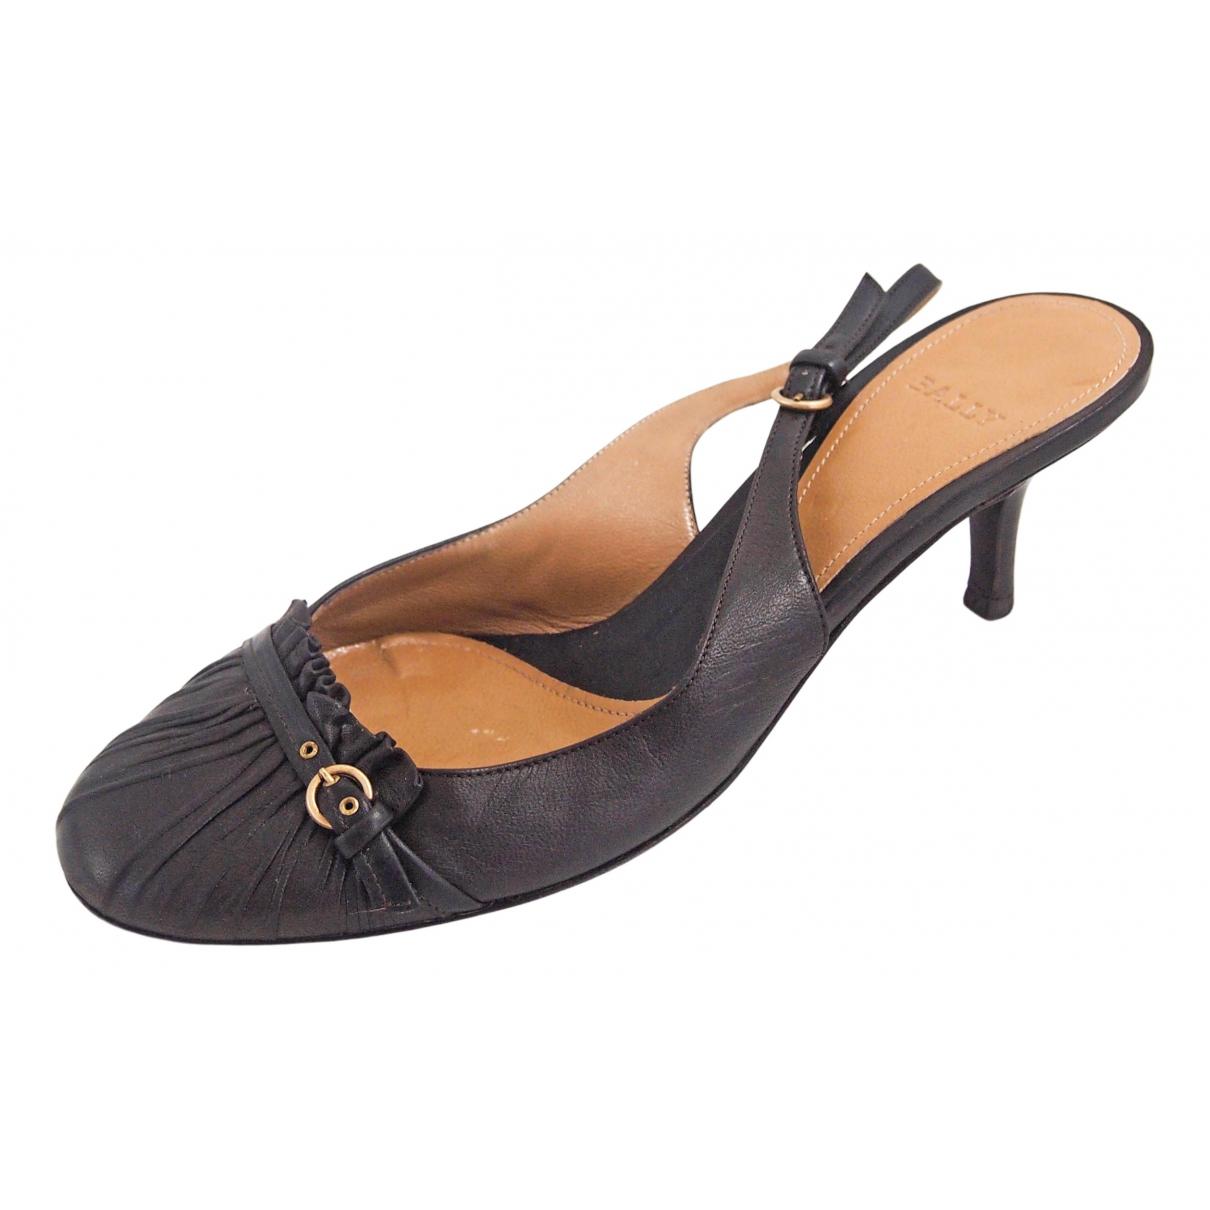 Bally - Sandales   pour femme en cuir - marron